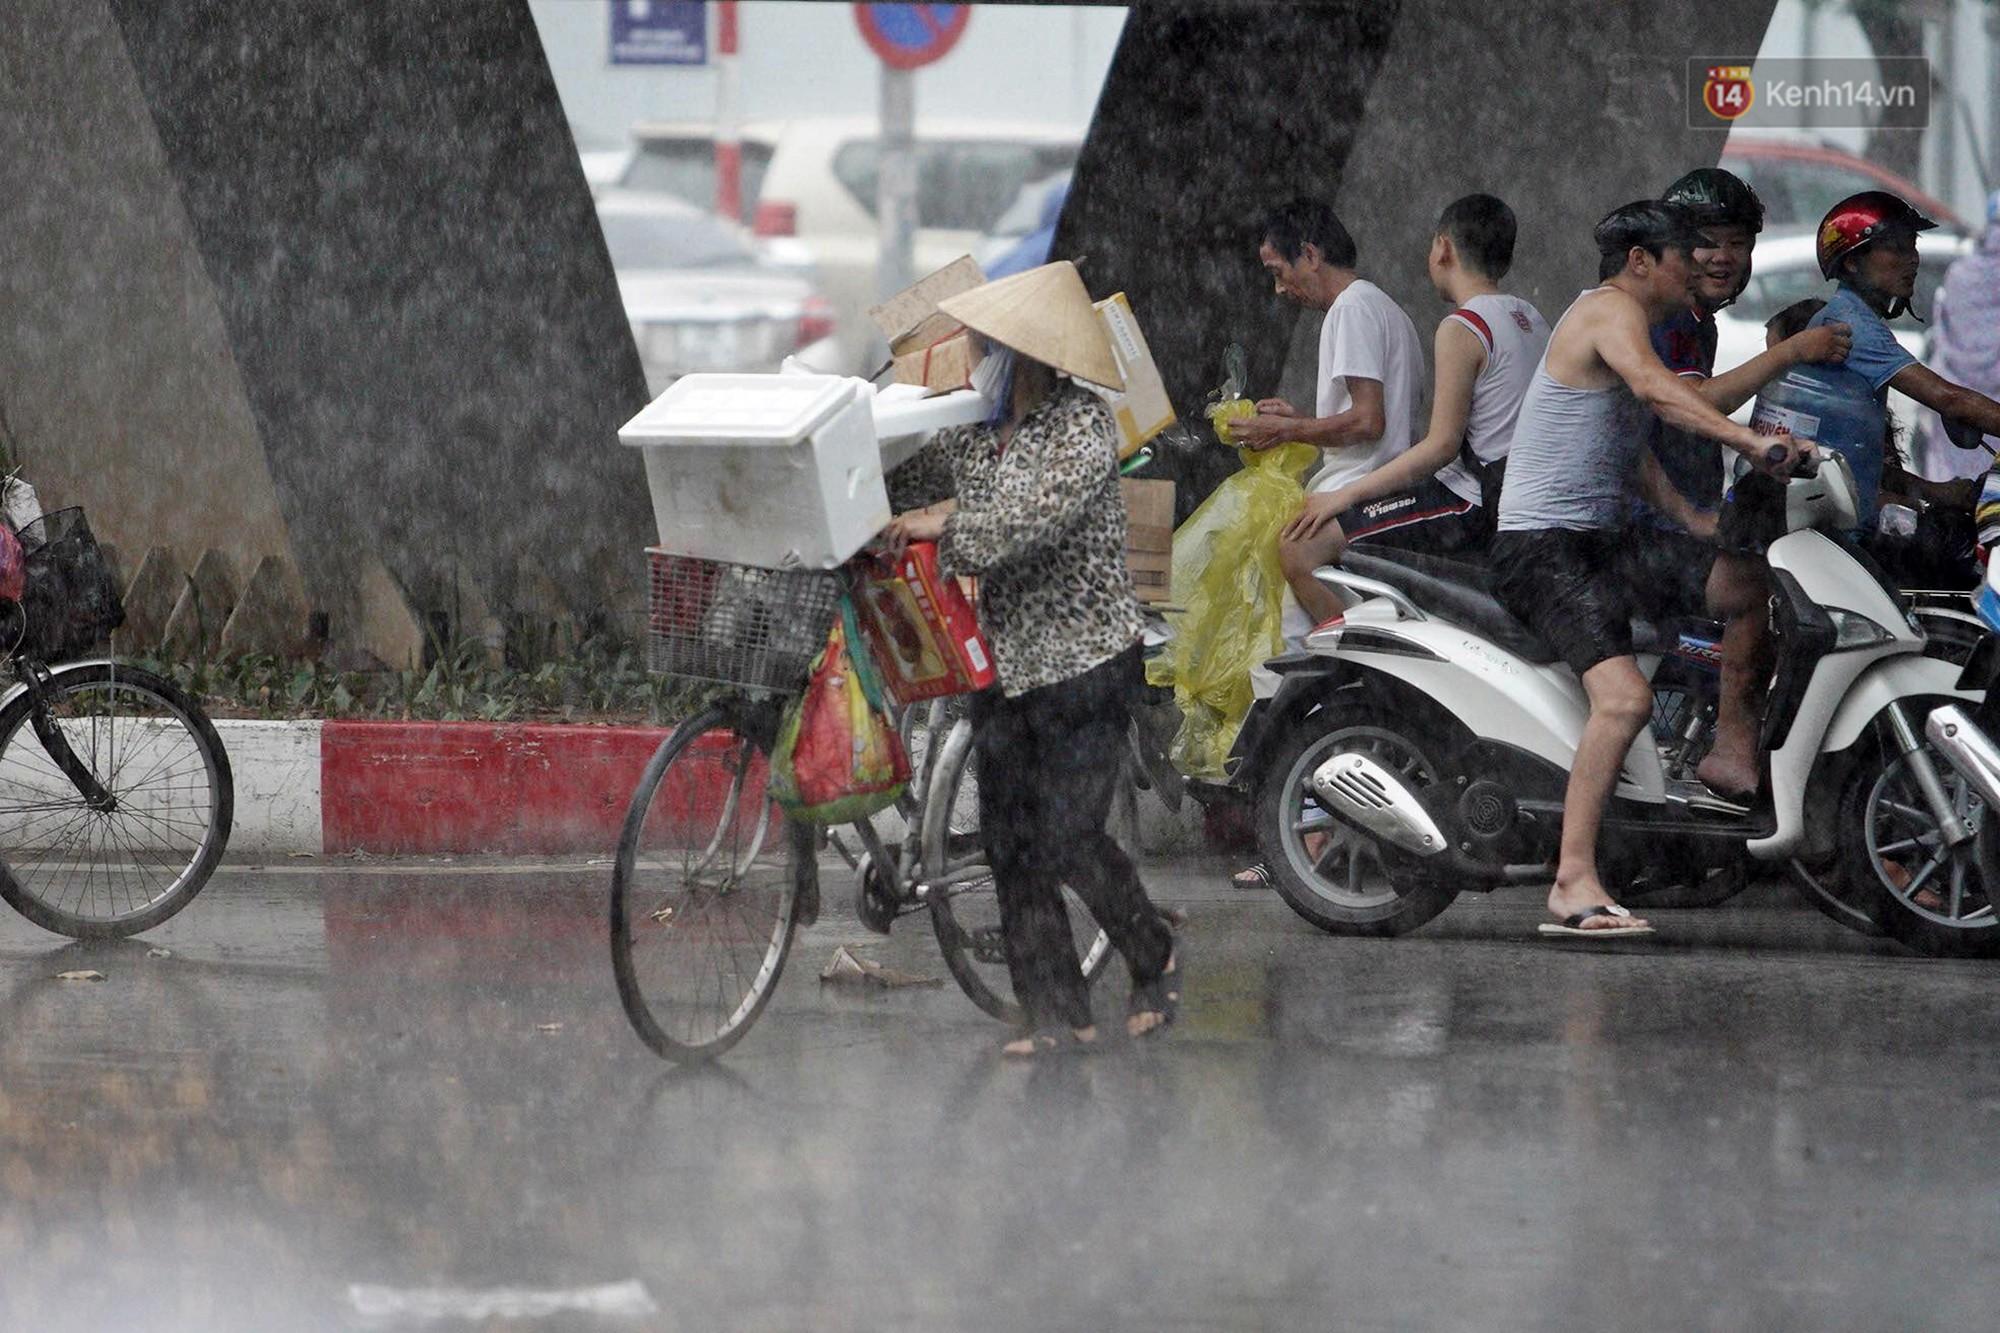 Ảnh hưởng bão số 2 khiến Hà Nội mưa trắng xoá, gió quật nghiêng người-19